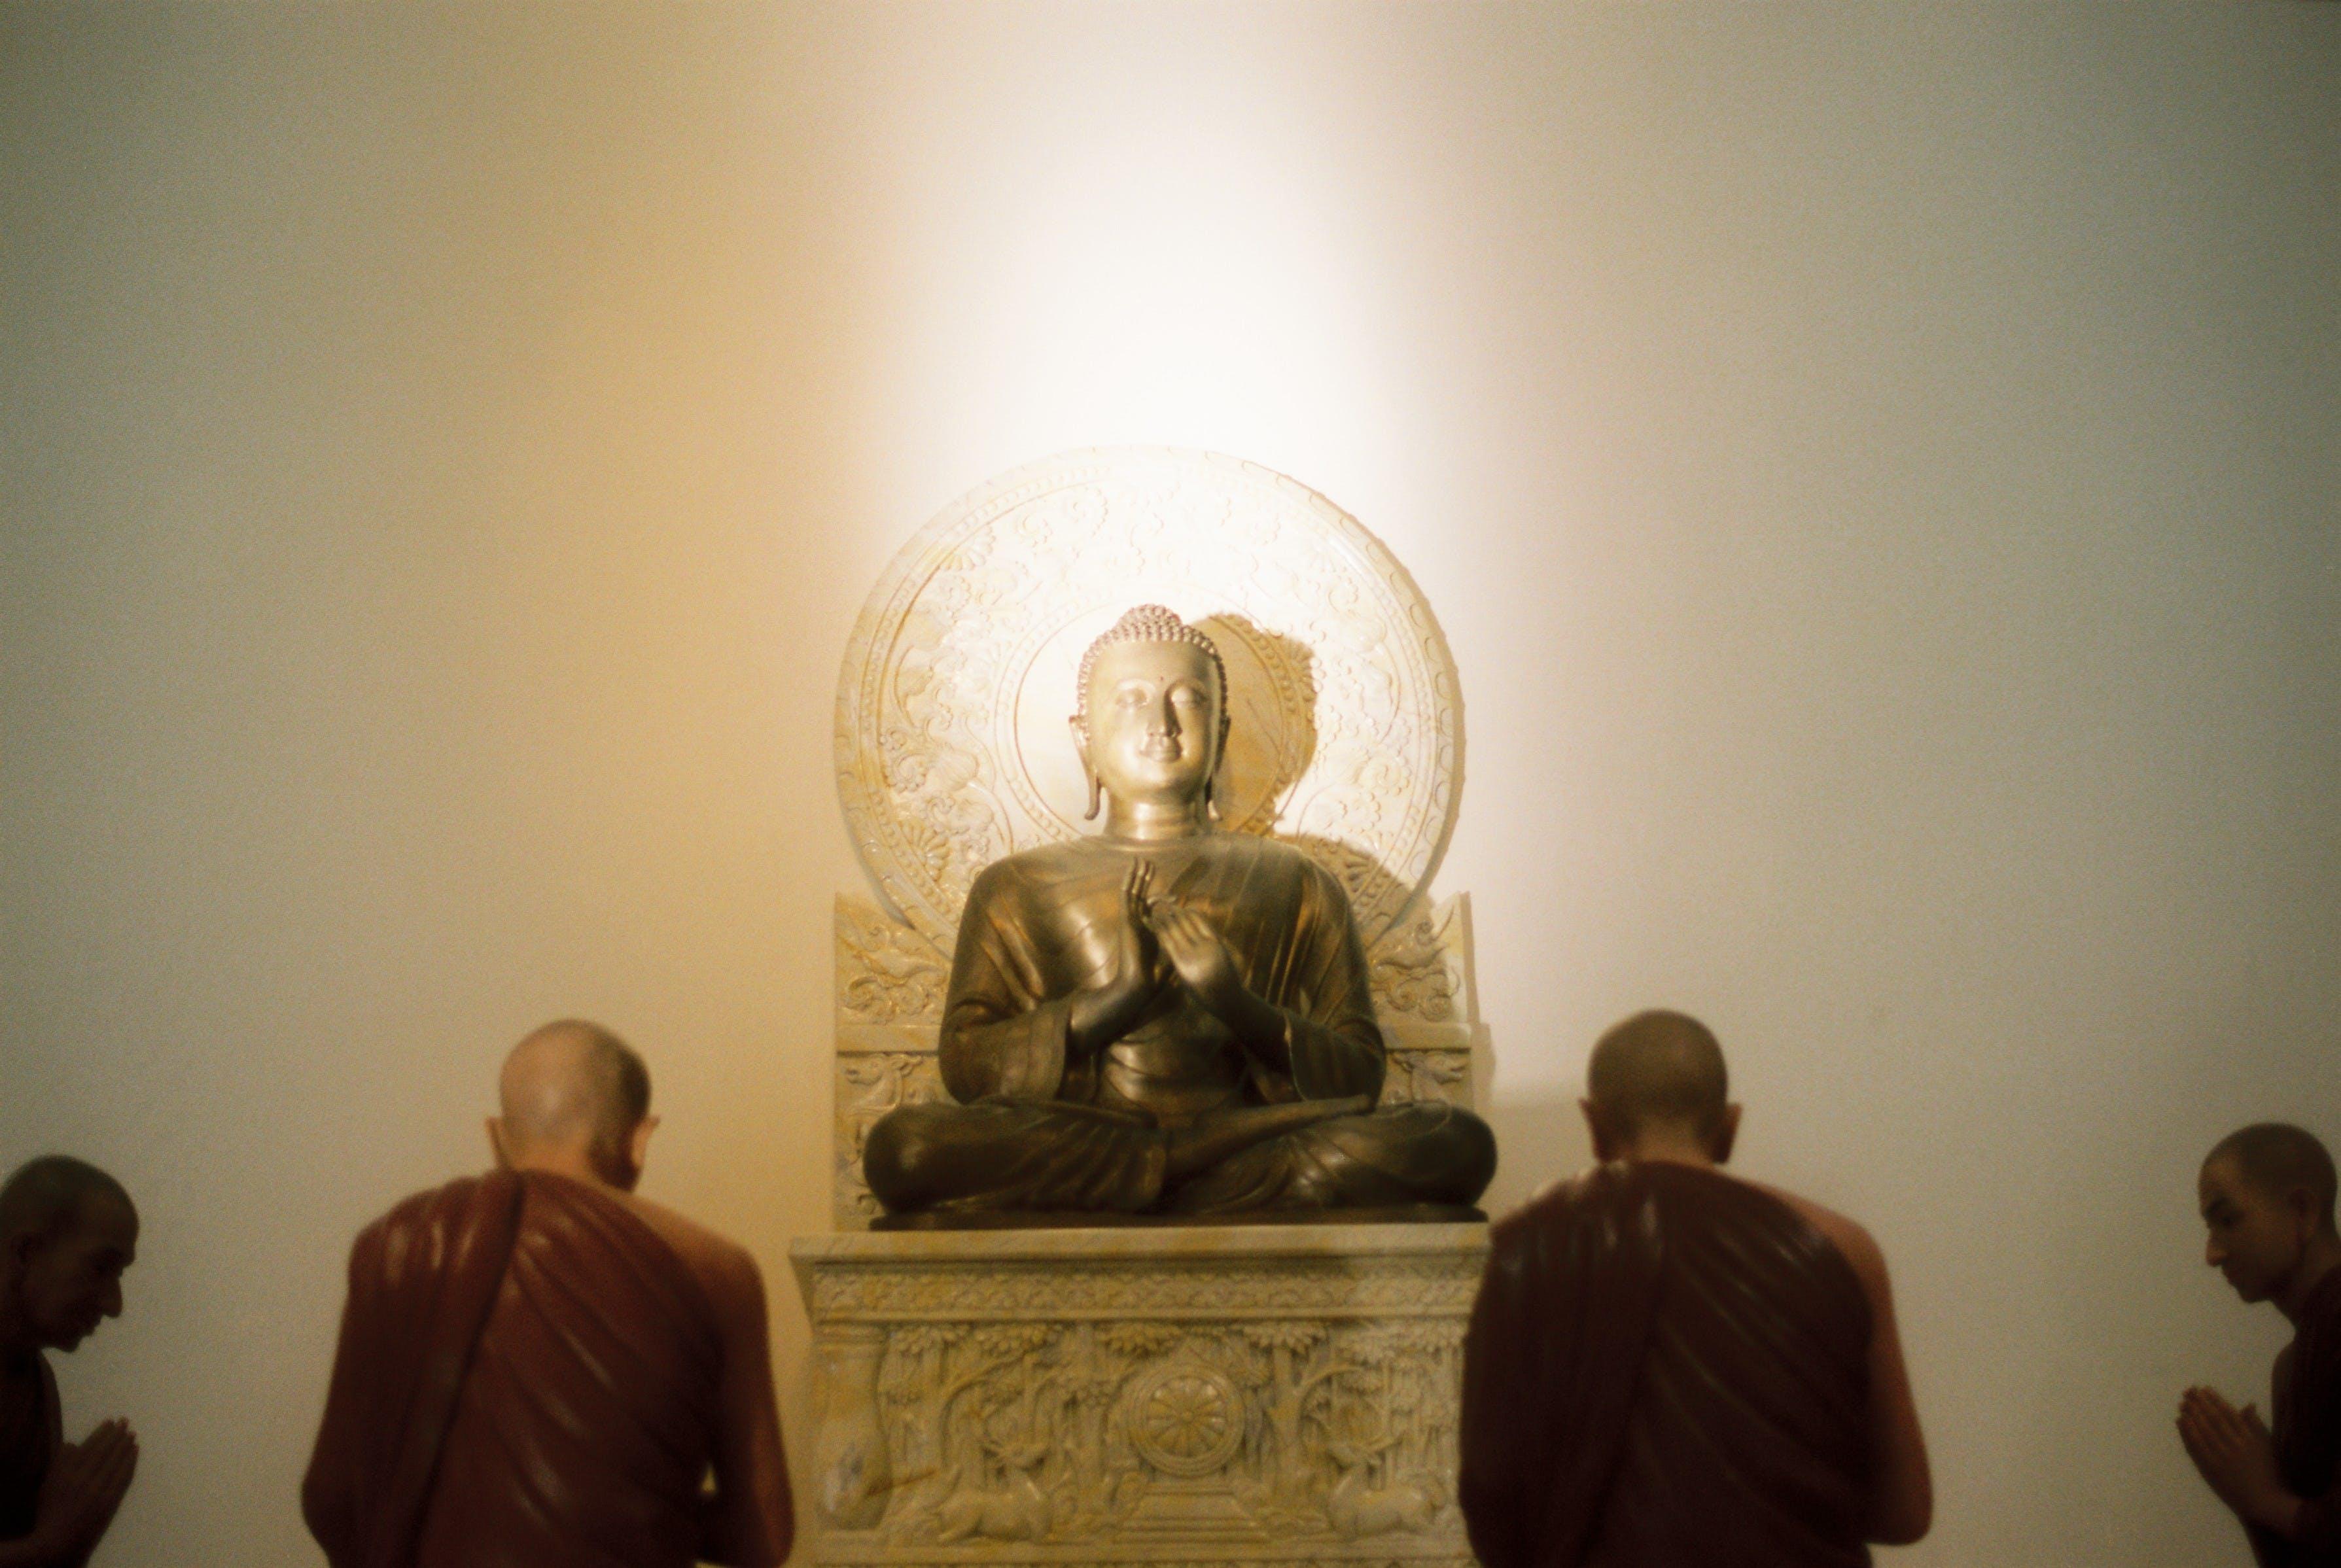 Foto profissional grátis de Arquitetura asiática, Ásia, Buda, budismo